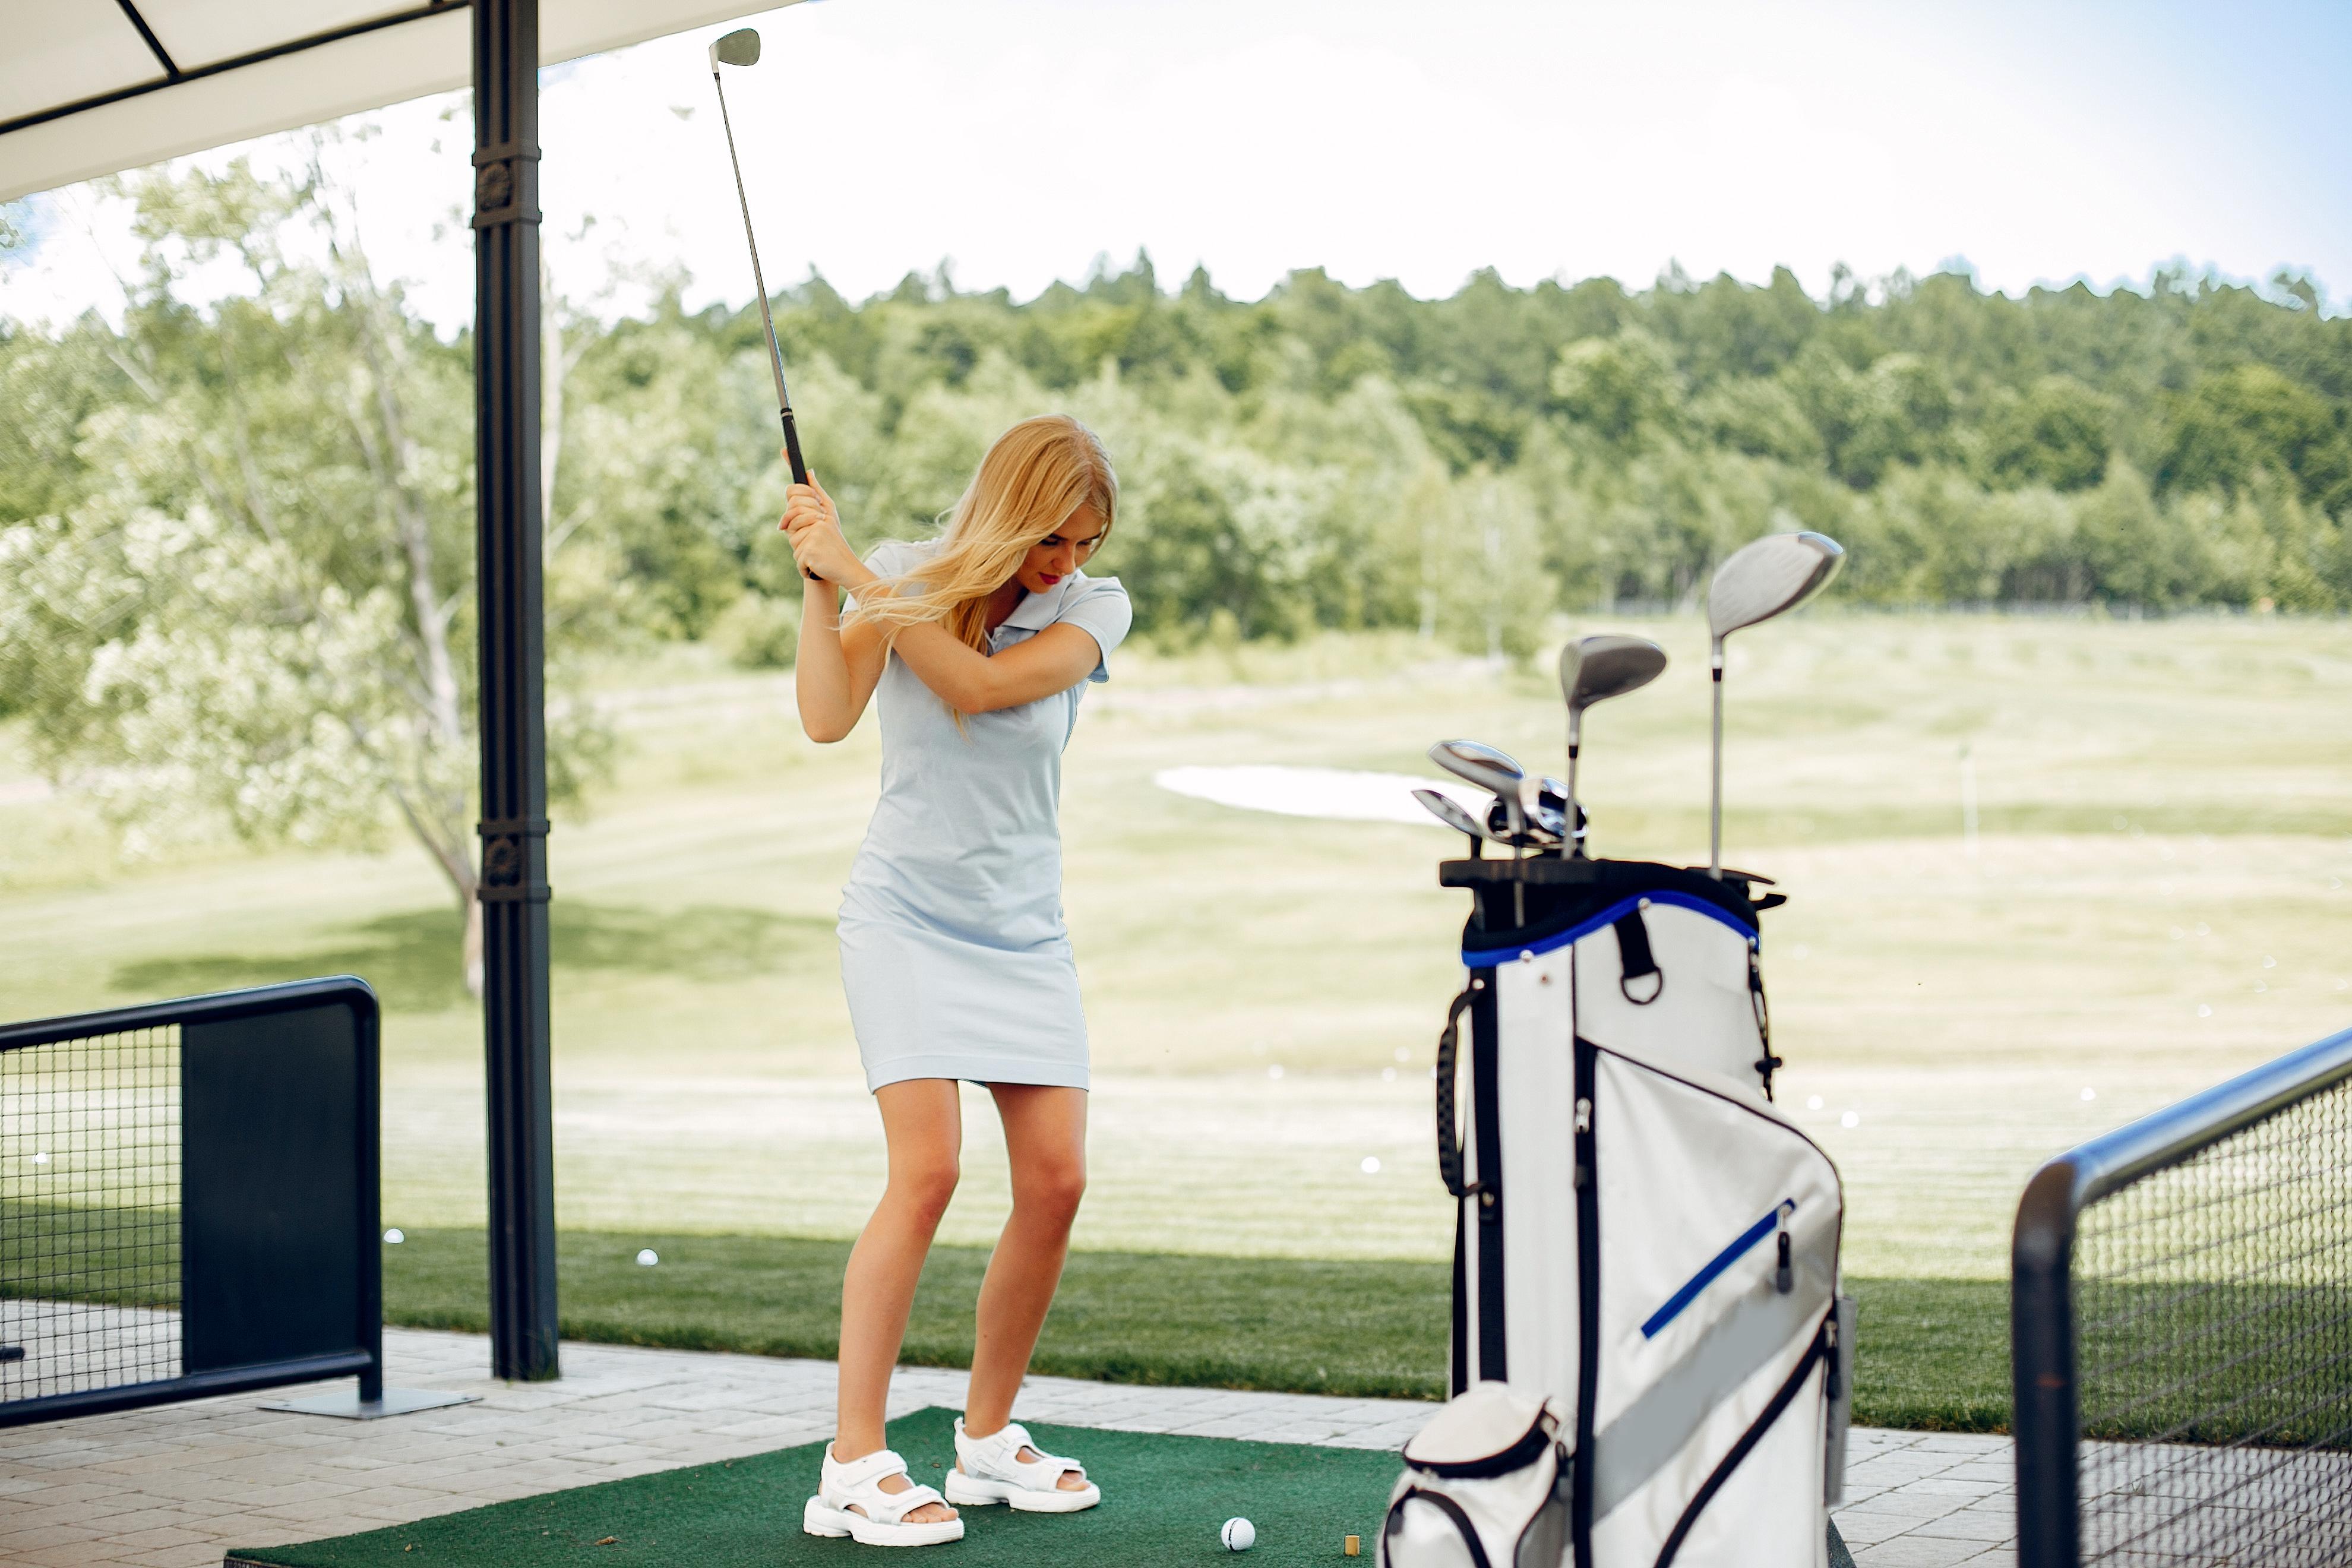 Vrouw slaat bal vanaf de afslagplaats op de golfbaan